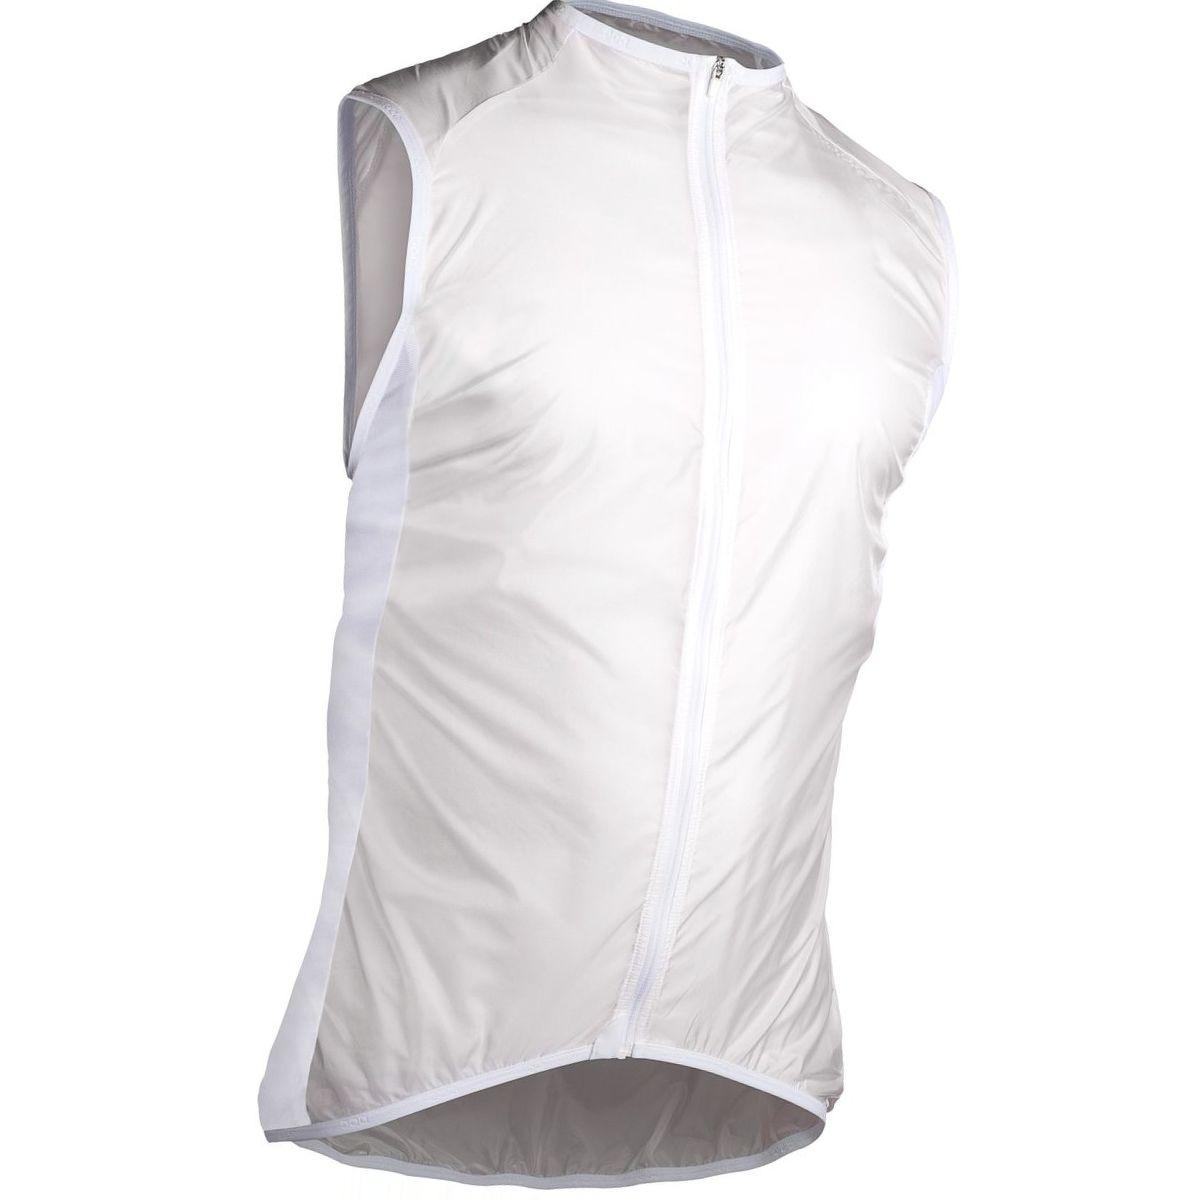 POC AVIP Light Wind Vest - Women's